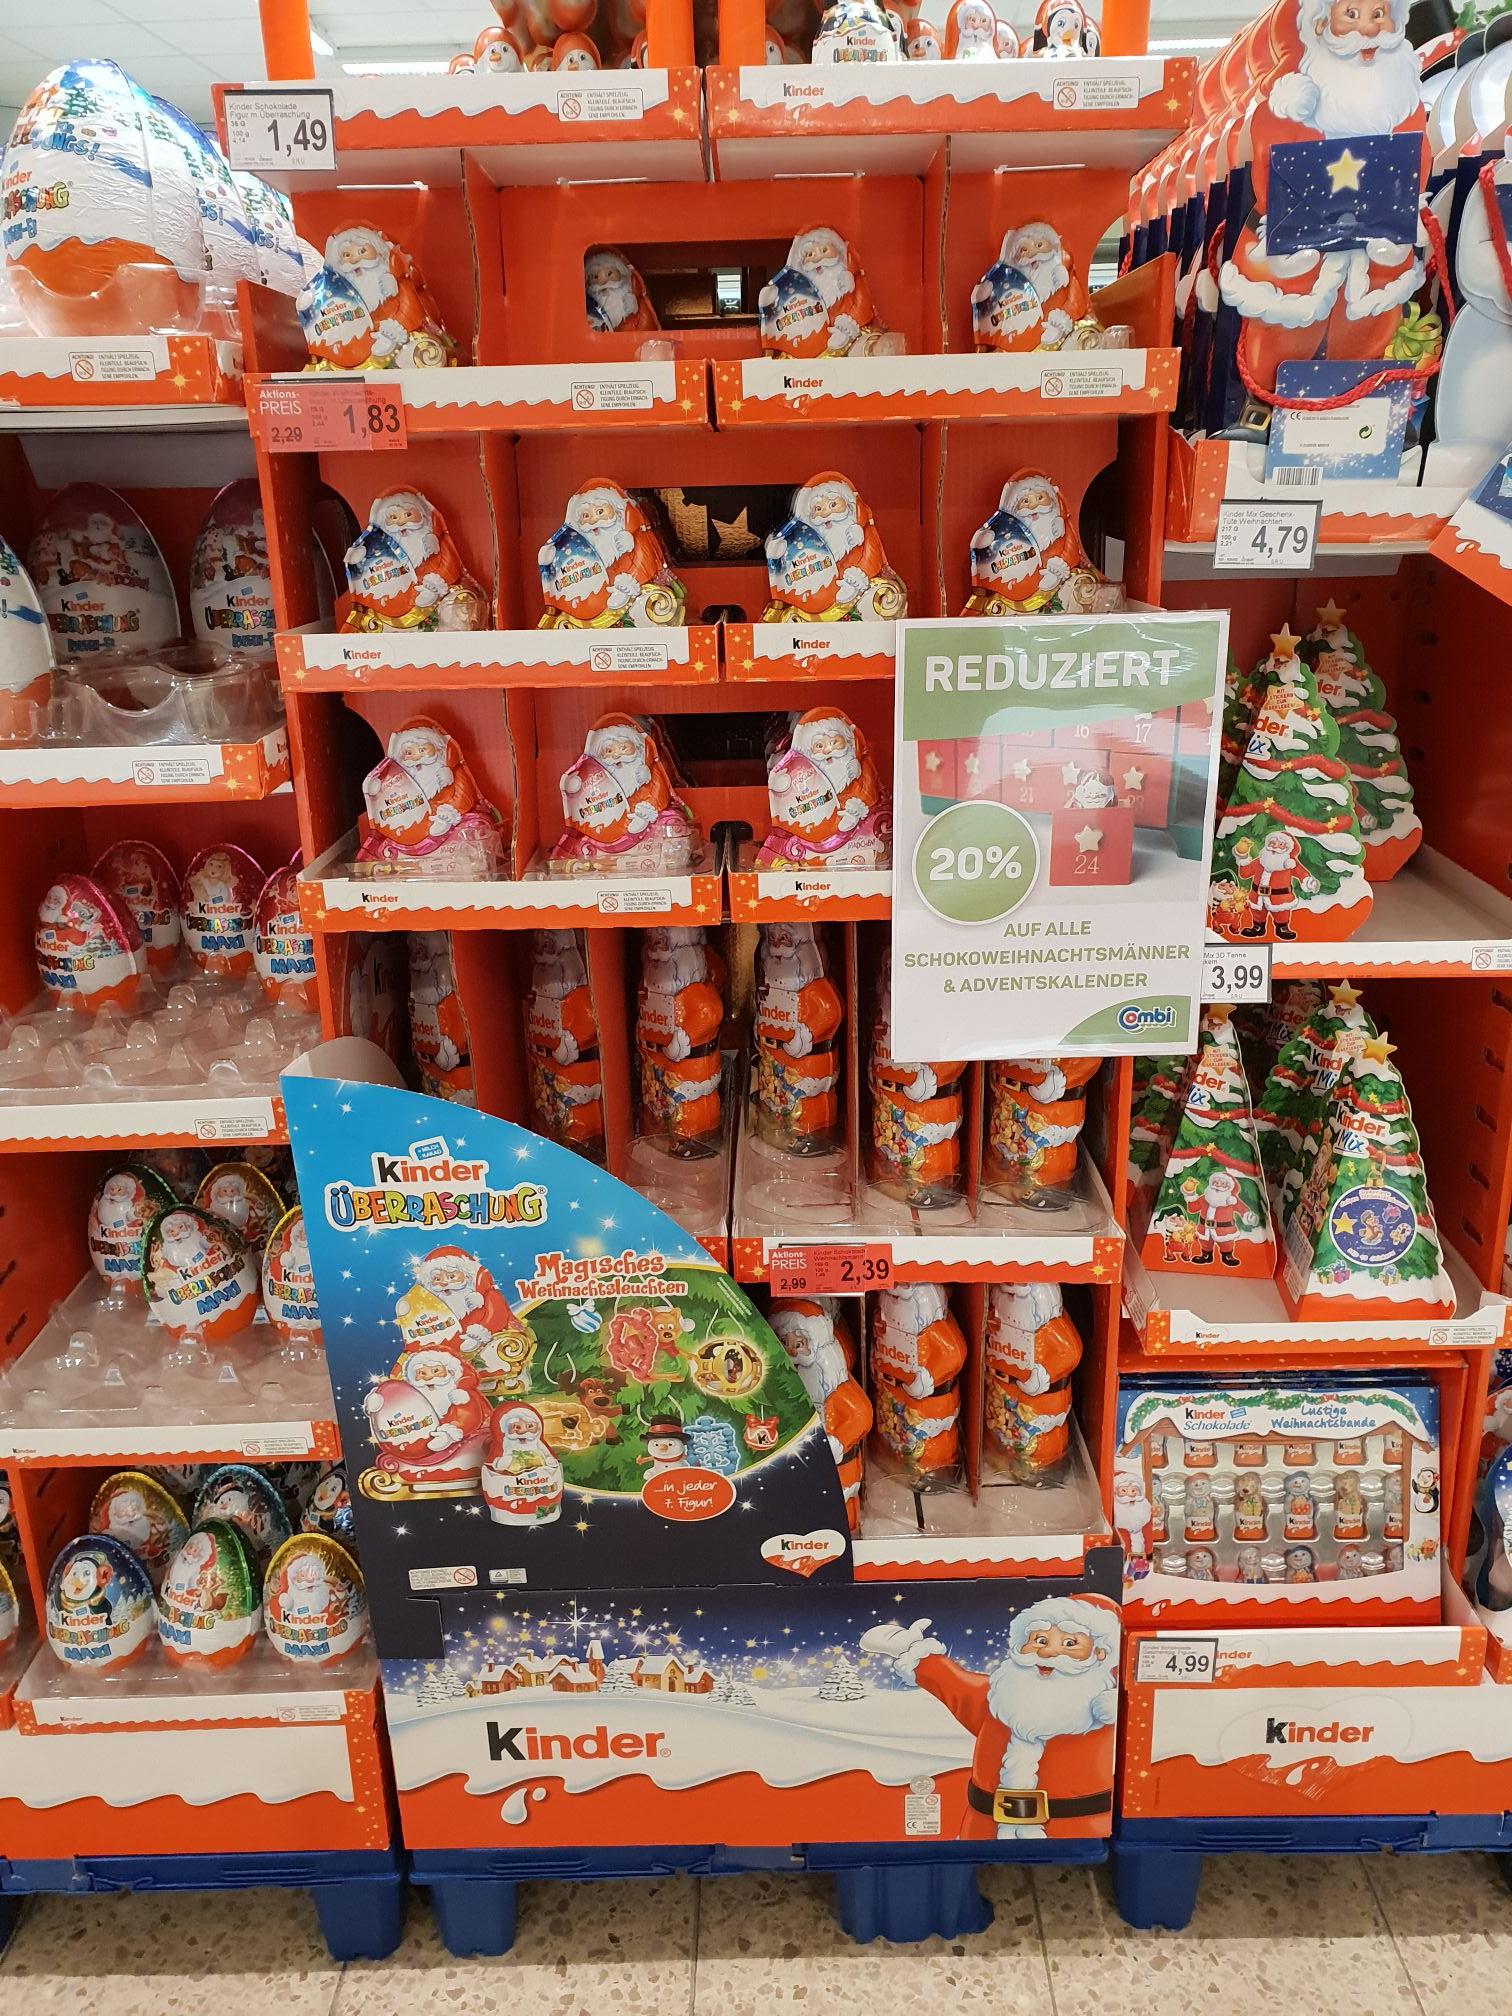 [Combi] [Famila NW] 20% auf alle Food-Adventskalender und Schokoweihnachtsmänner incl. Ferrero